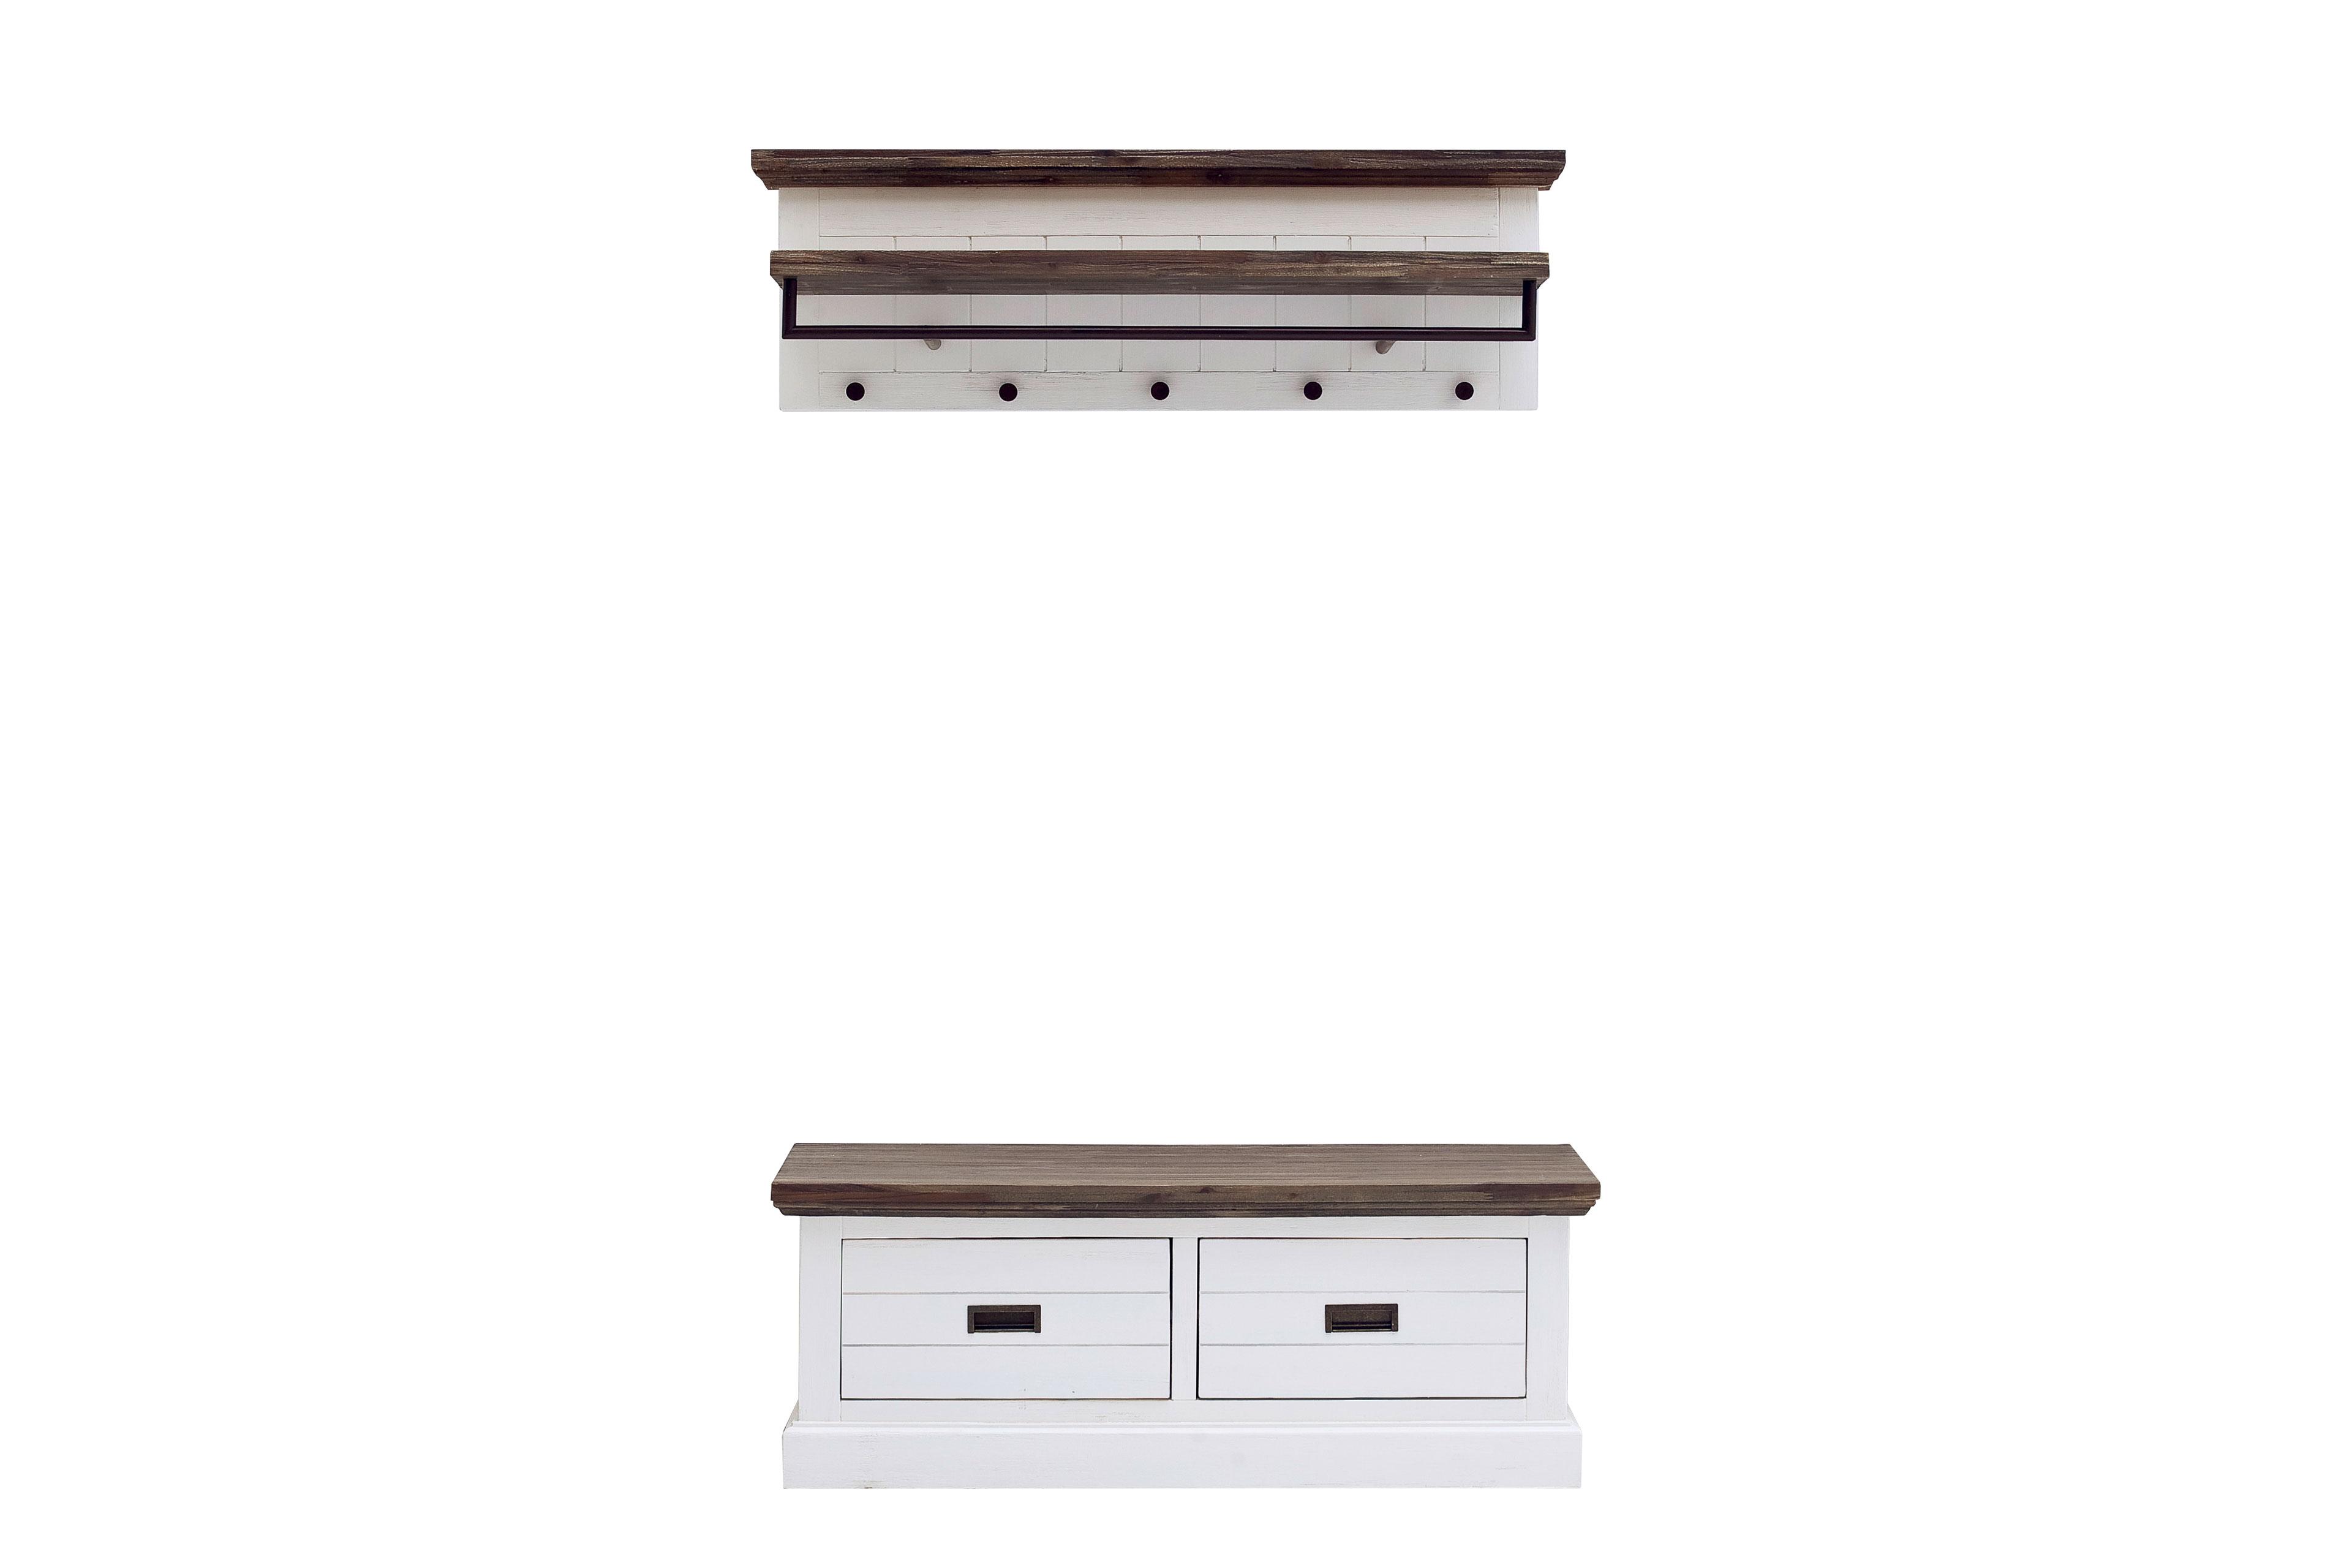 garderobe gomera gesine gom07k04 mca furniture m bel letz ihr online shop. Black Bedroom Furniture Sets. Home Design Ideas